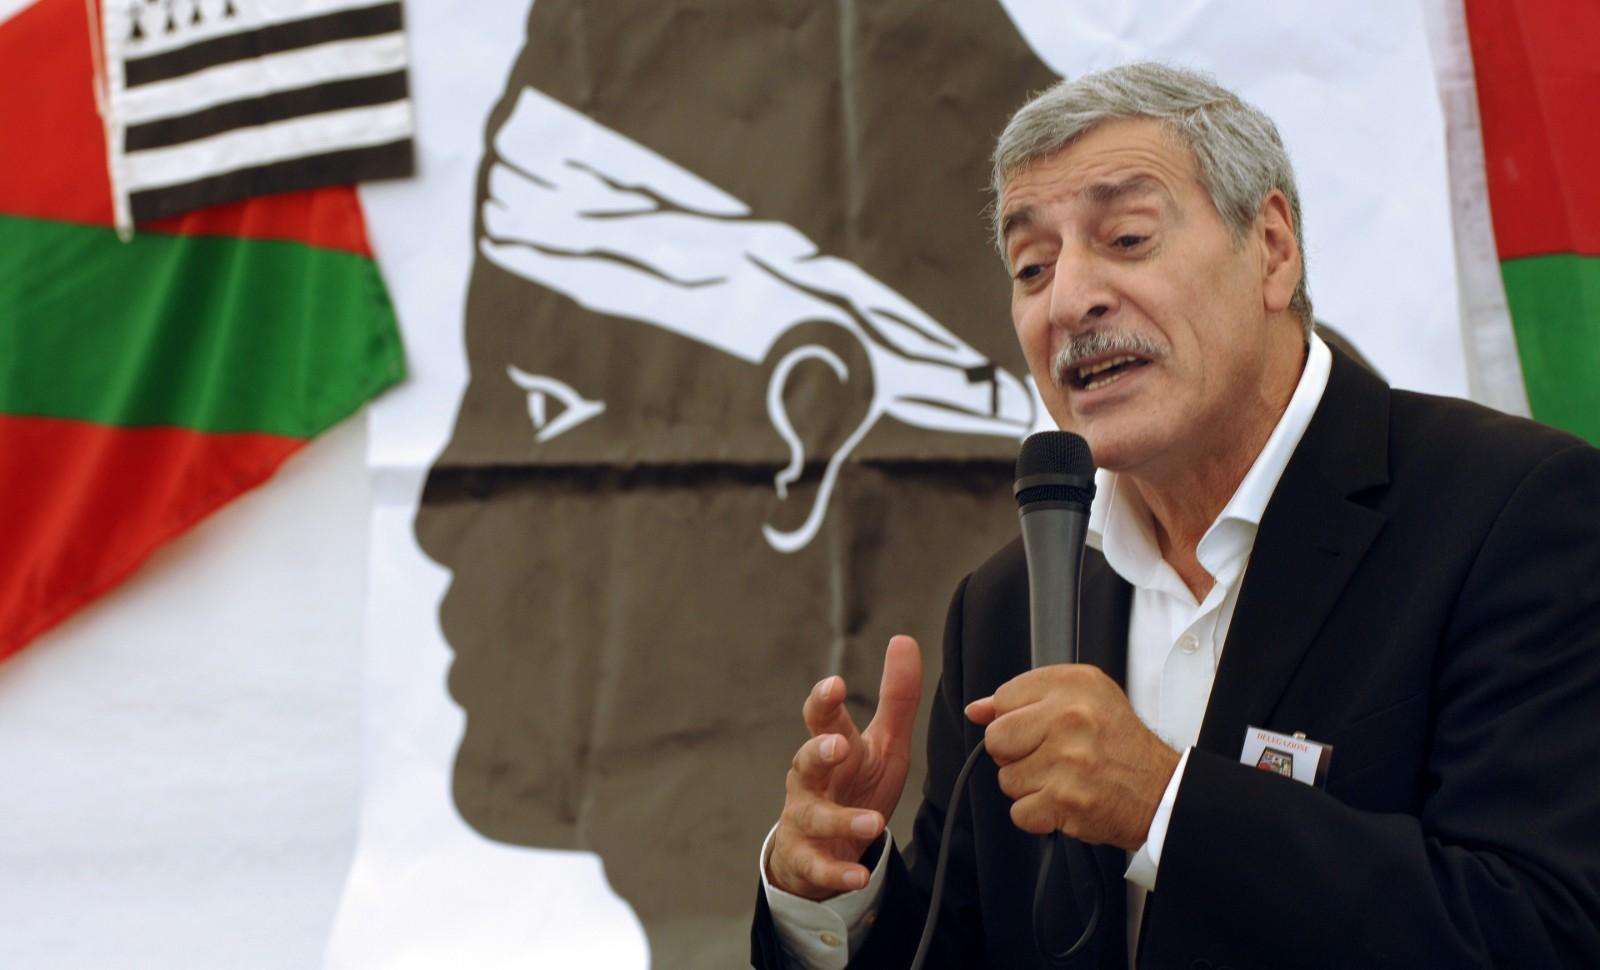 Ferhat Mehenni, du mouvement pour l'autonomie de la Kabylie (MAK), en août 2009 © AFP STEPHAN AGOSTINI